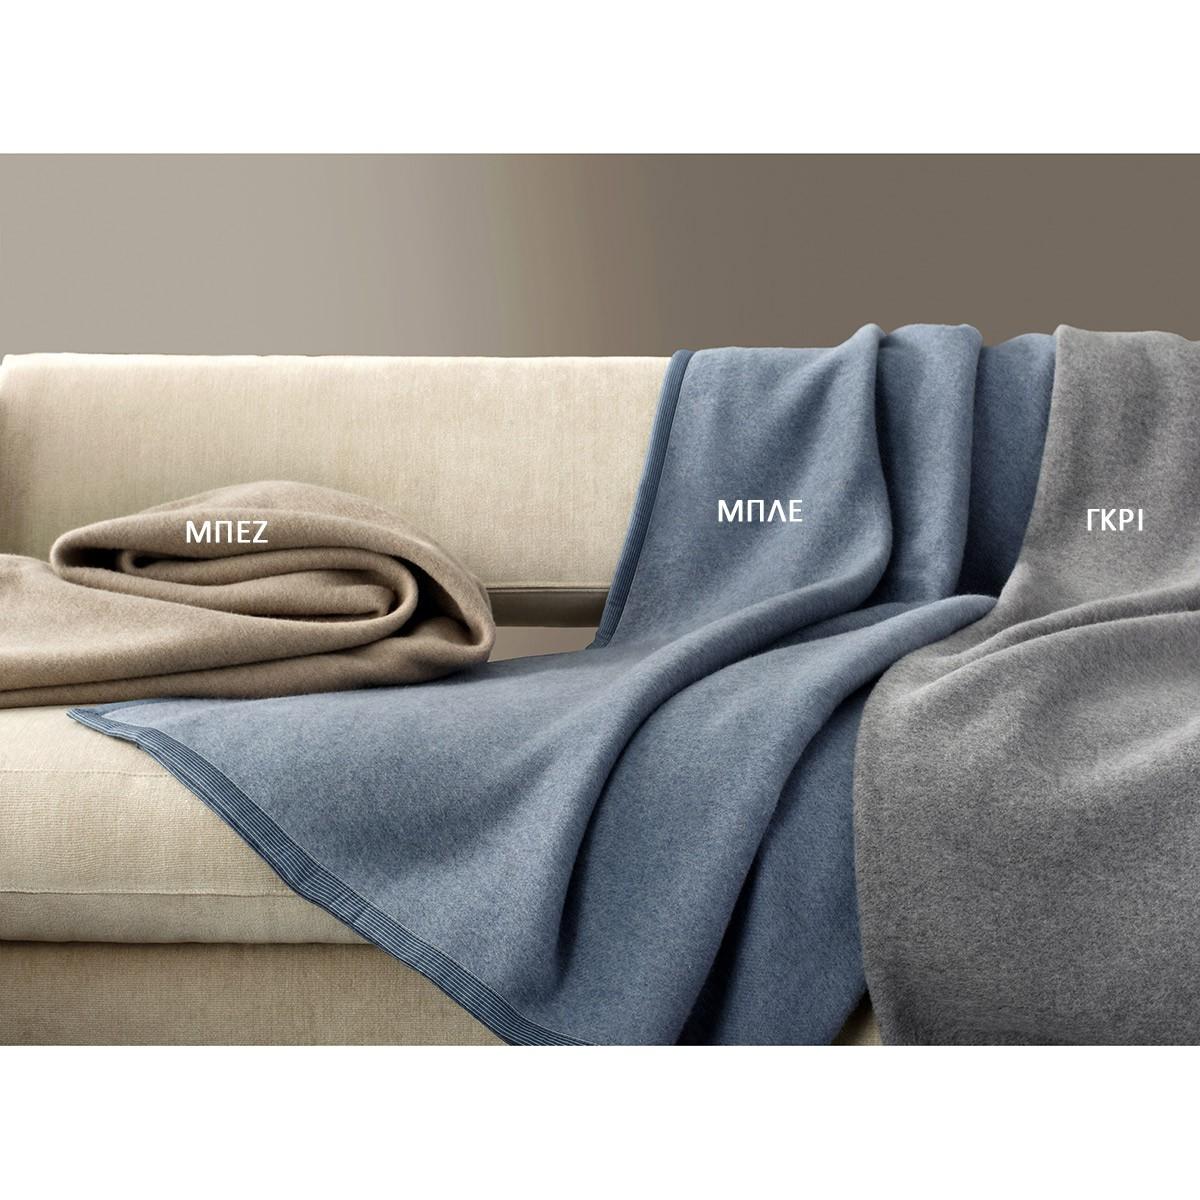 Κουβέρτα Μάλλινη Υπέρδιπλη White Clouds Moda home   κρεβατοκάμαρα   κουβέρτες   κουβέρτες γούνινες   μάλλινες